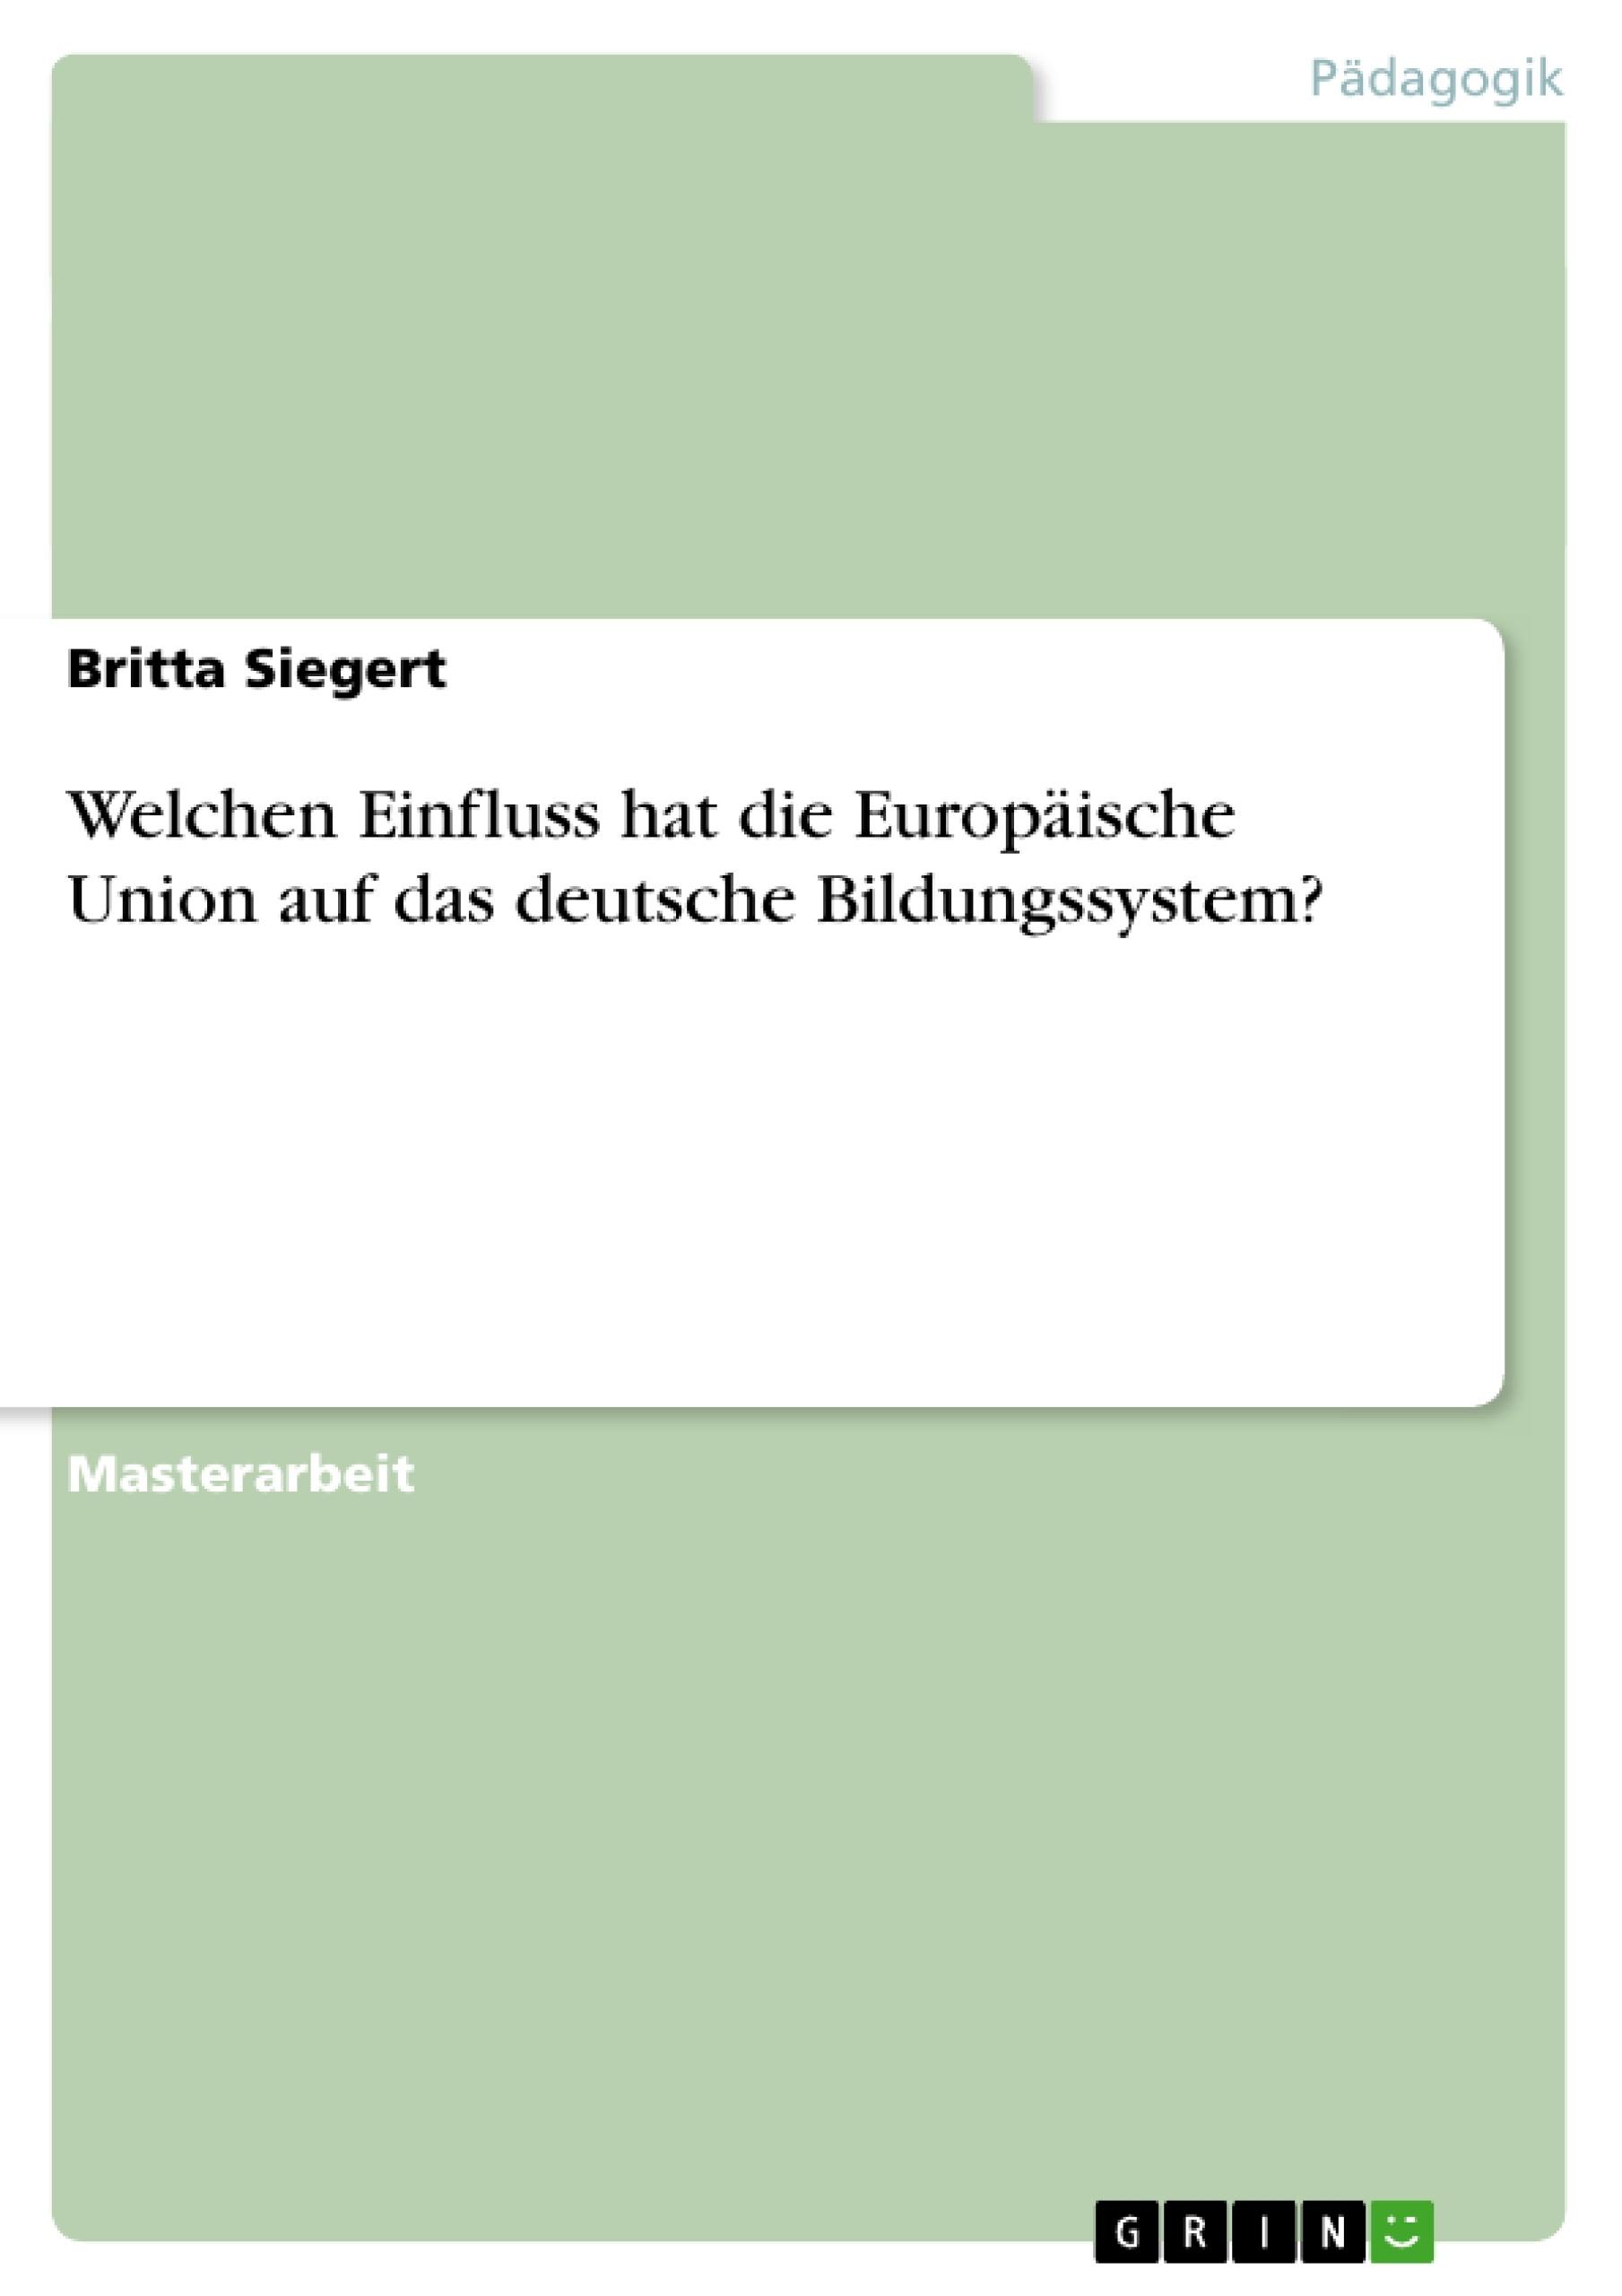 Titel: Welchen Einfluss hat die Europäische Union auf das deutsche Bildungssystem?